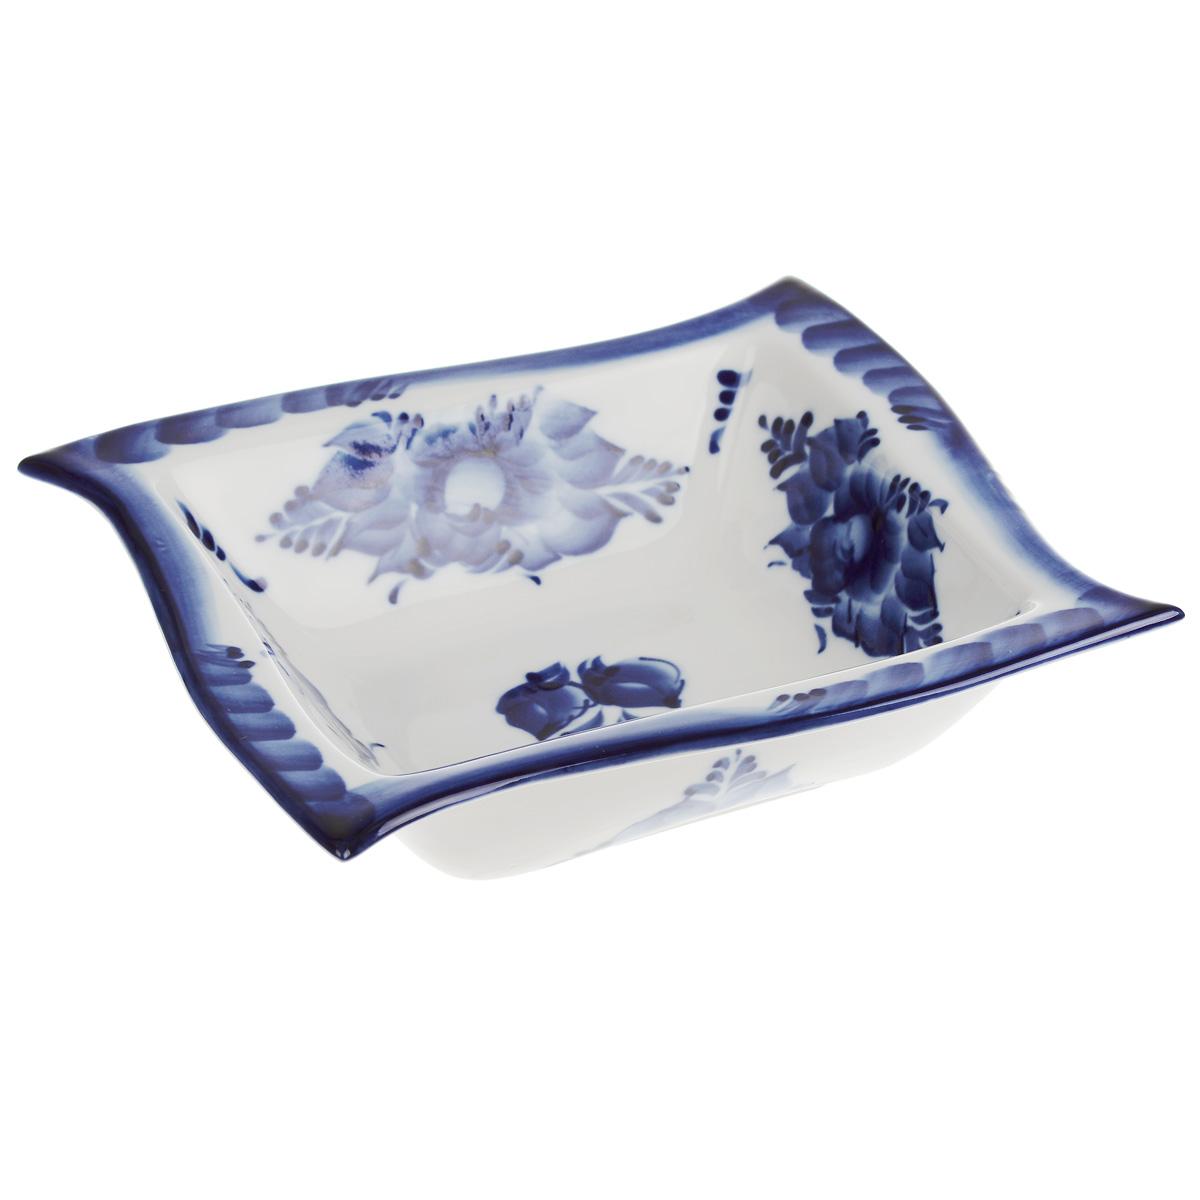 Салатник Волна, цвет: белый, синий, 17,5 х 17,5 х 4,5 см993065431Салатник Волна, изготовленный из фарфора, доставит истинное удовольствие ценителям прекрасного. Изделие оформлено росписью в технике гжель. Яркий дизайн, несомненно, придется вам по вкусу.Салатник Волна украсит ваш кухонный стол, а также станет замечательным подарком к любому празднику.